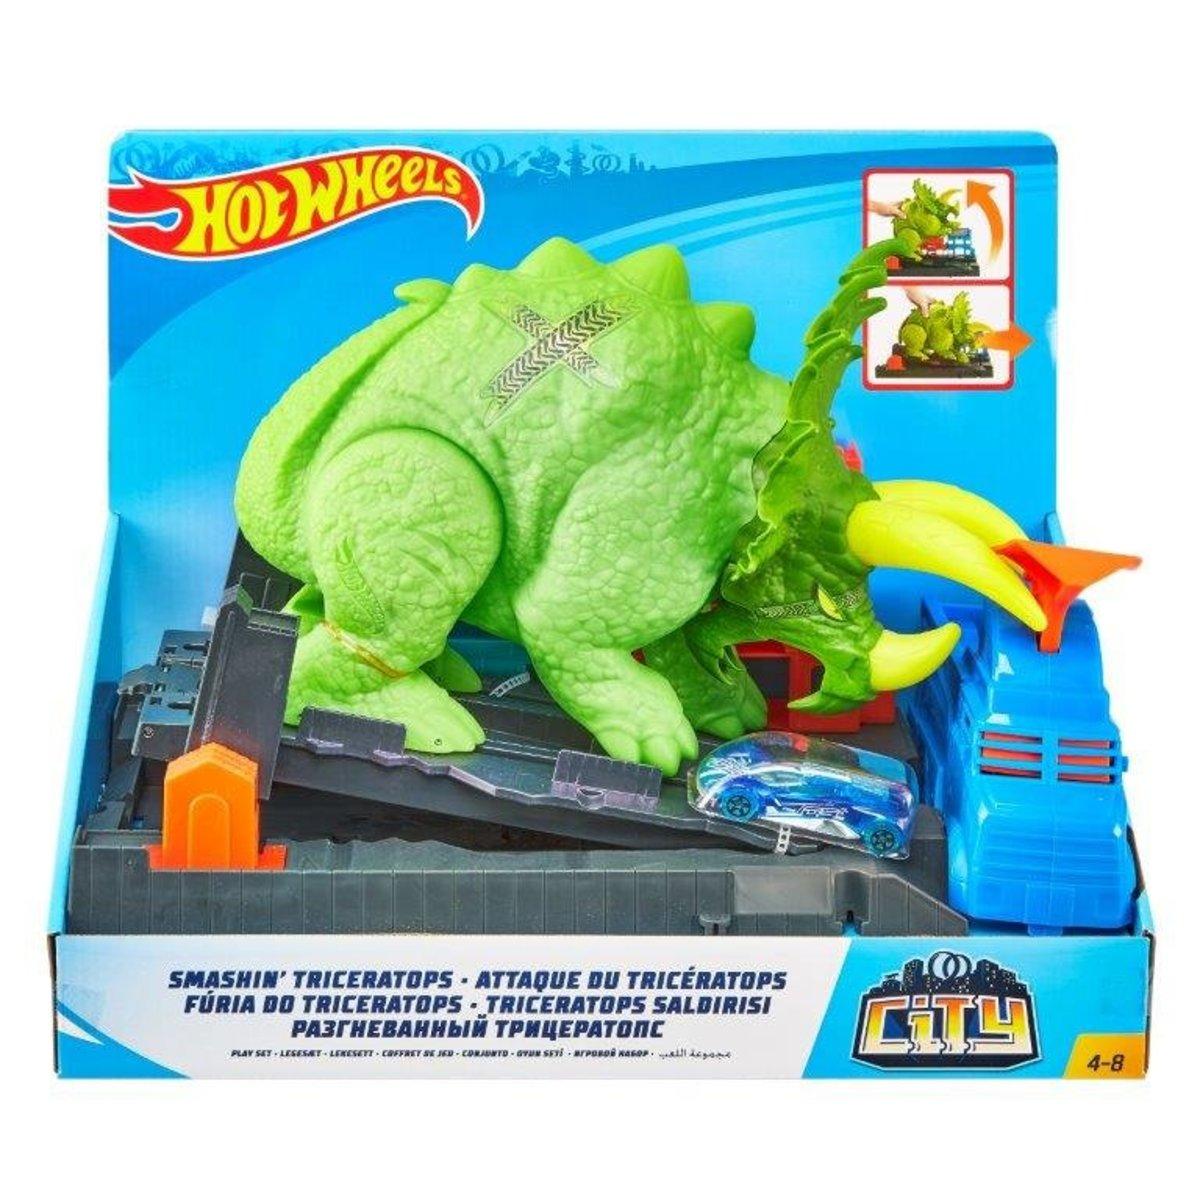 三角恐龍突擊風火輪城市套裝